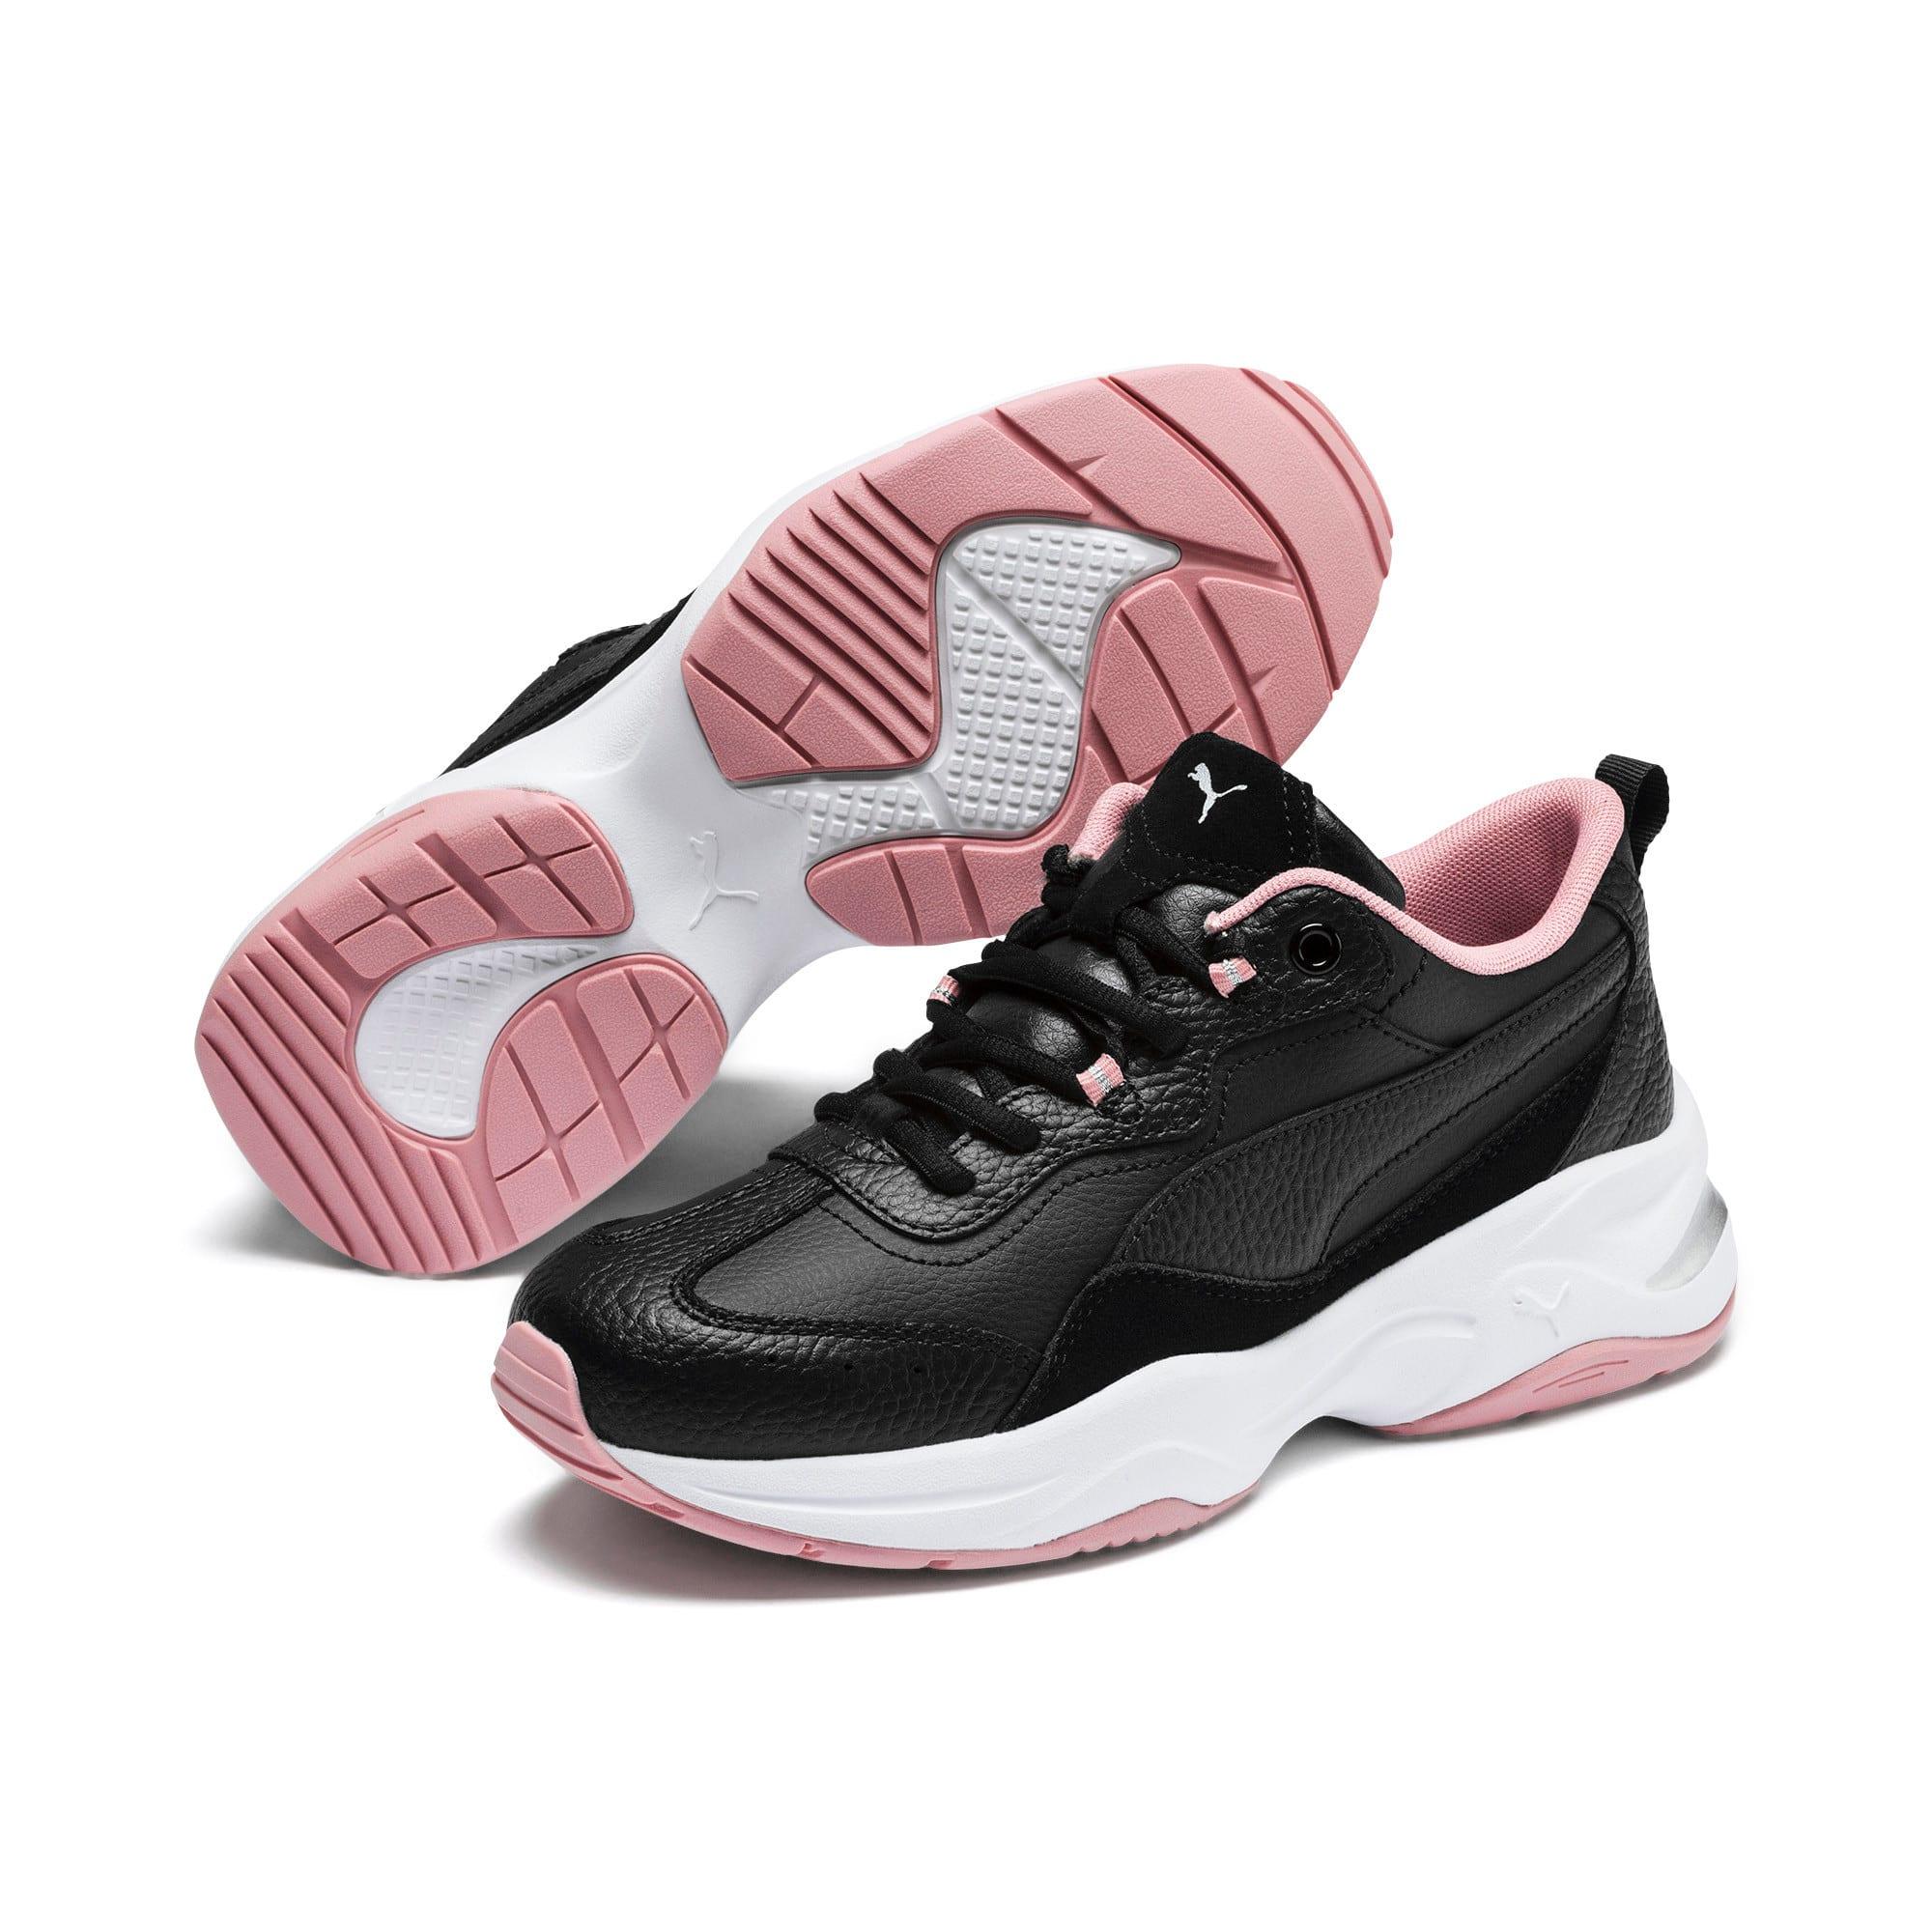 Puma Damen Sneaker Cilia Lux 370282 |